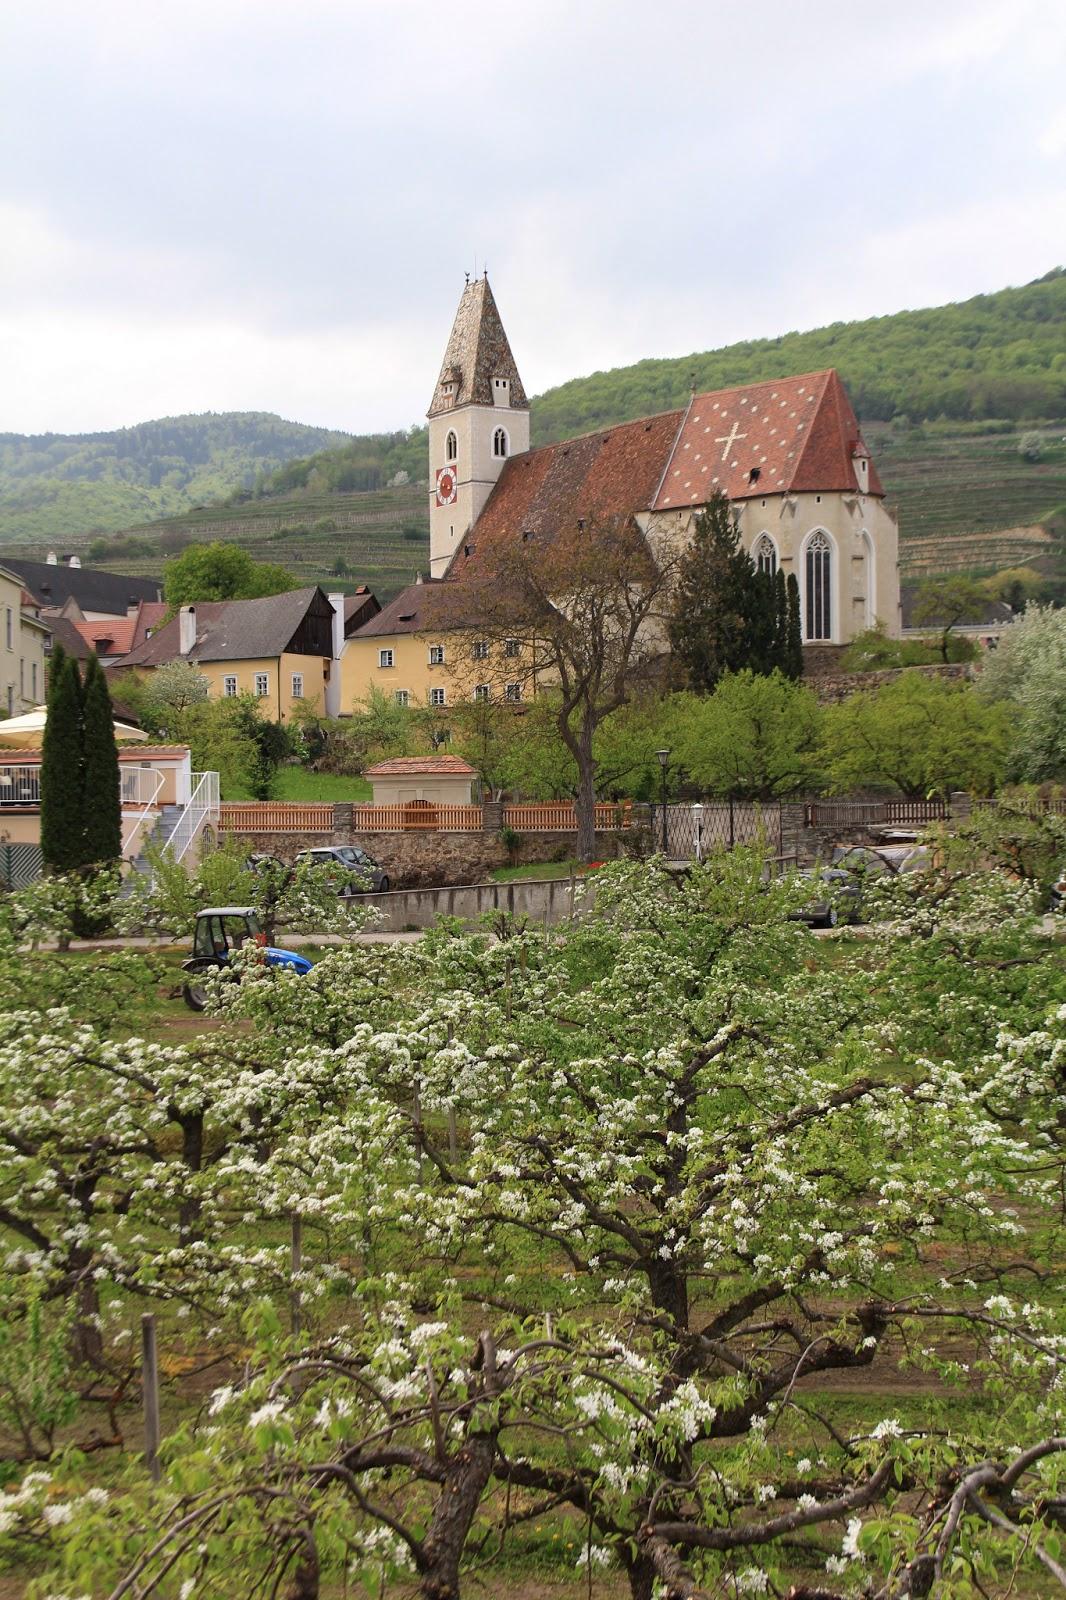 visite de l 39 abbaye de melk en photos charmes de la vall e de la wachau tourisme autriche. Black Bedroom Furniture Sets. Home Design Ideas